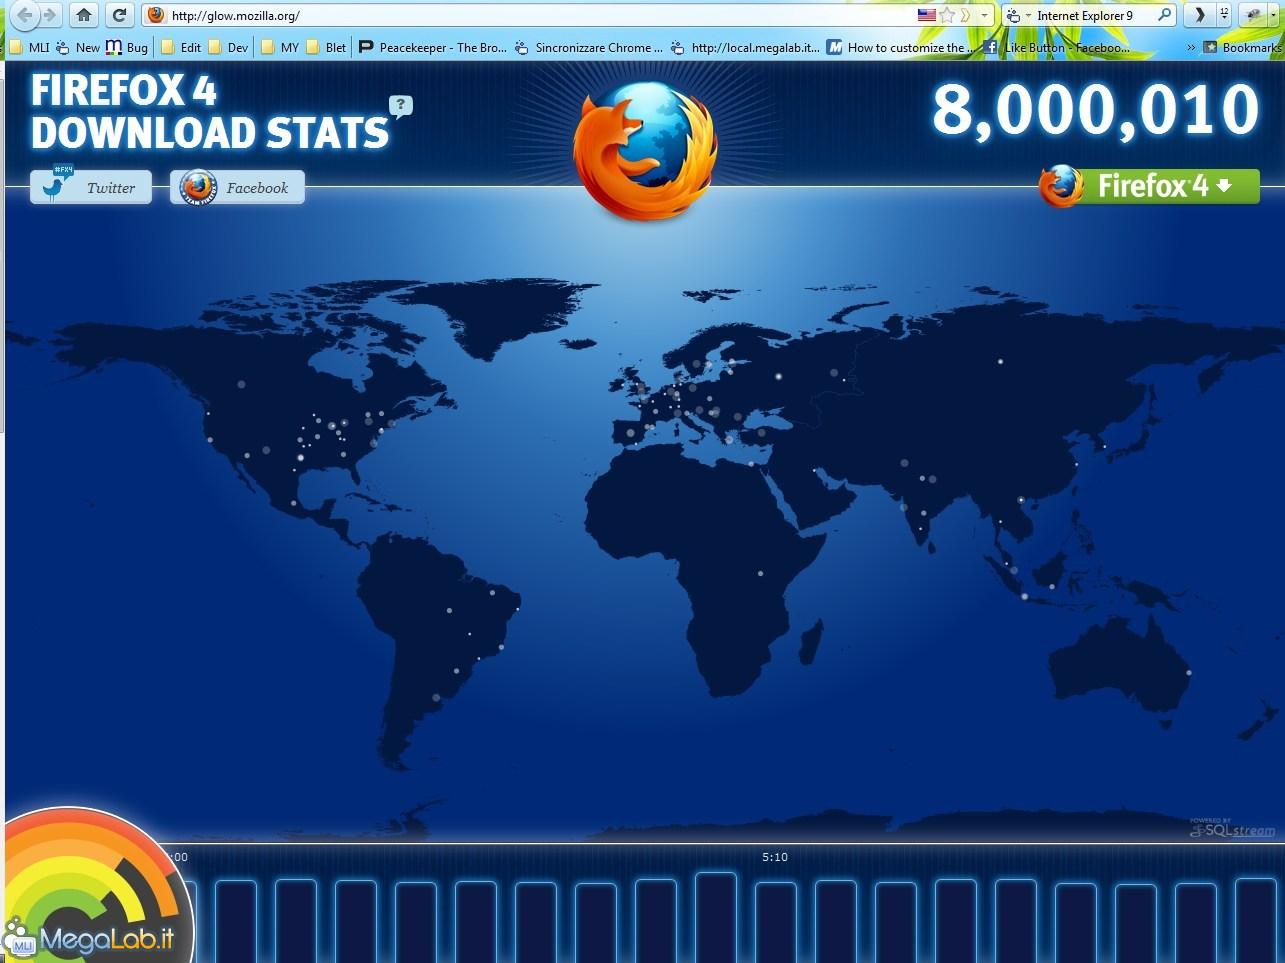 Firefox 4 0: 8 milioni di download e una torta [MegaLab it]